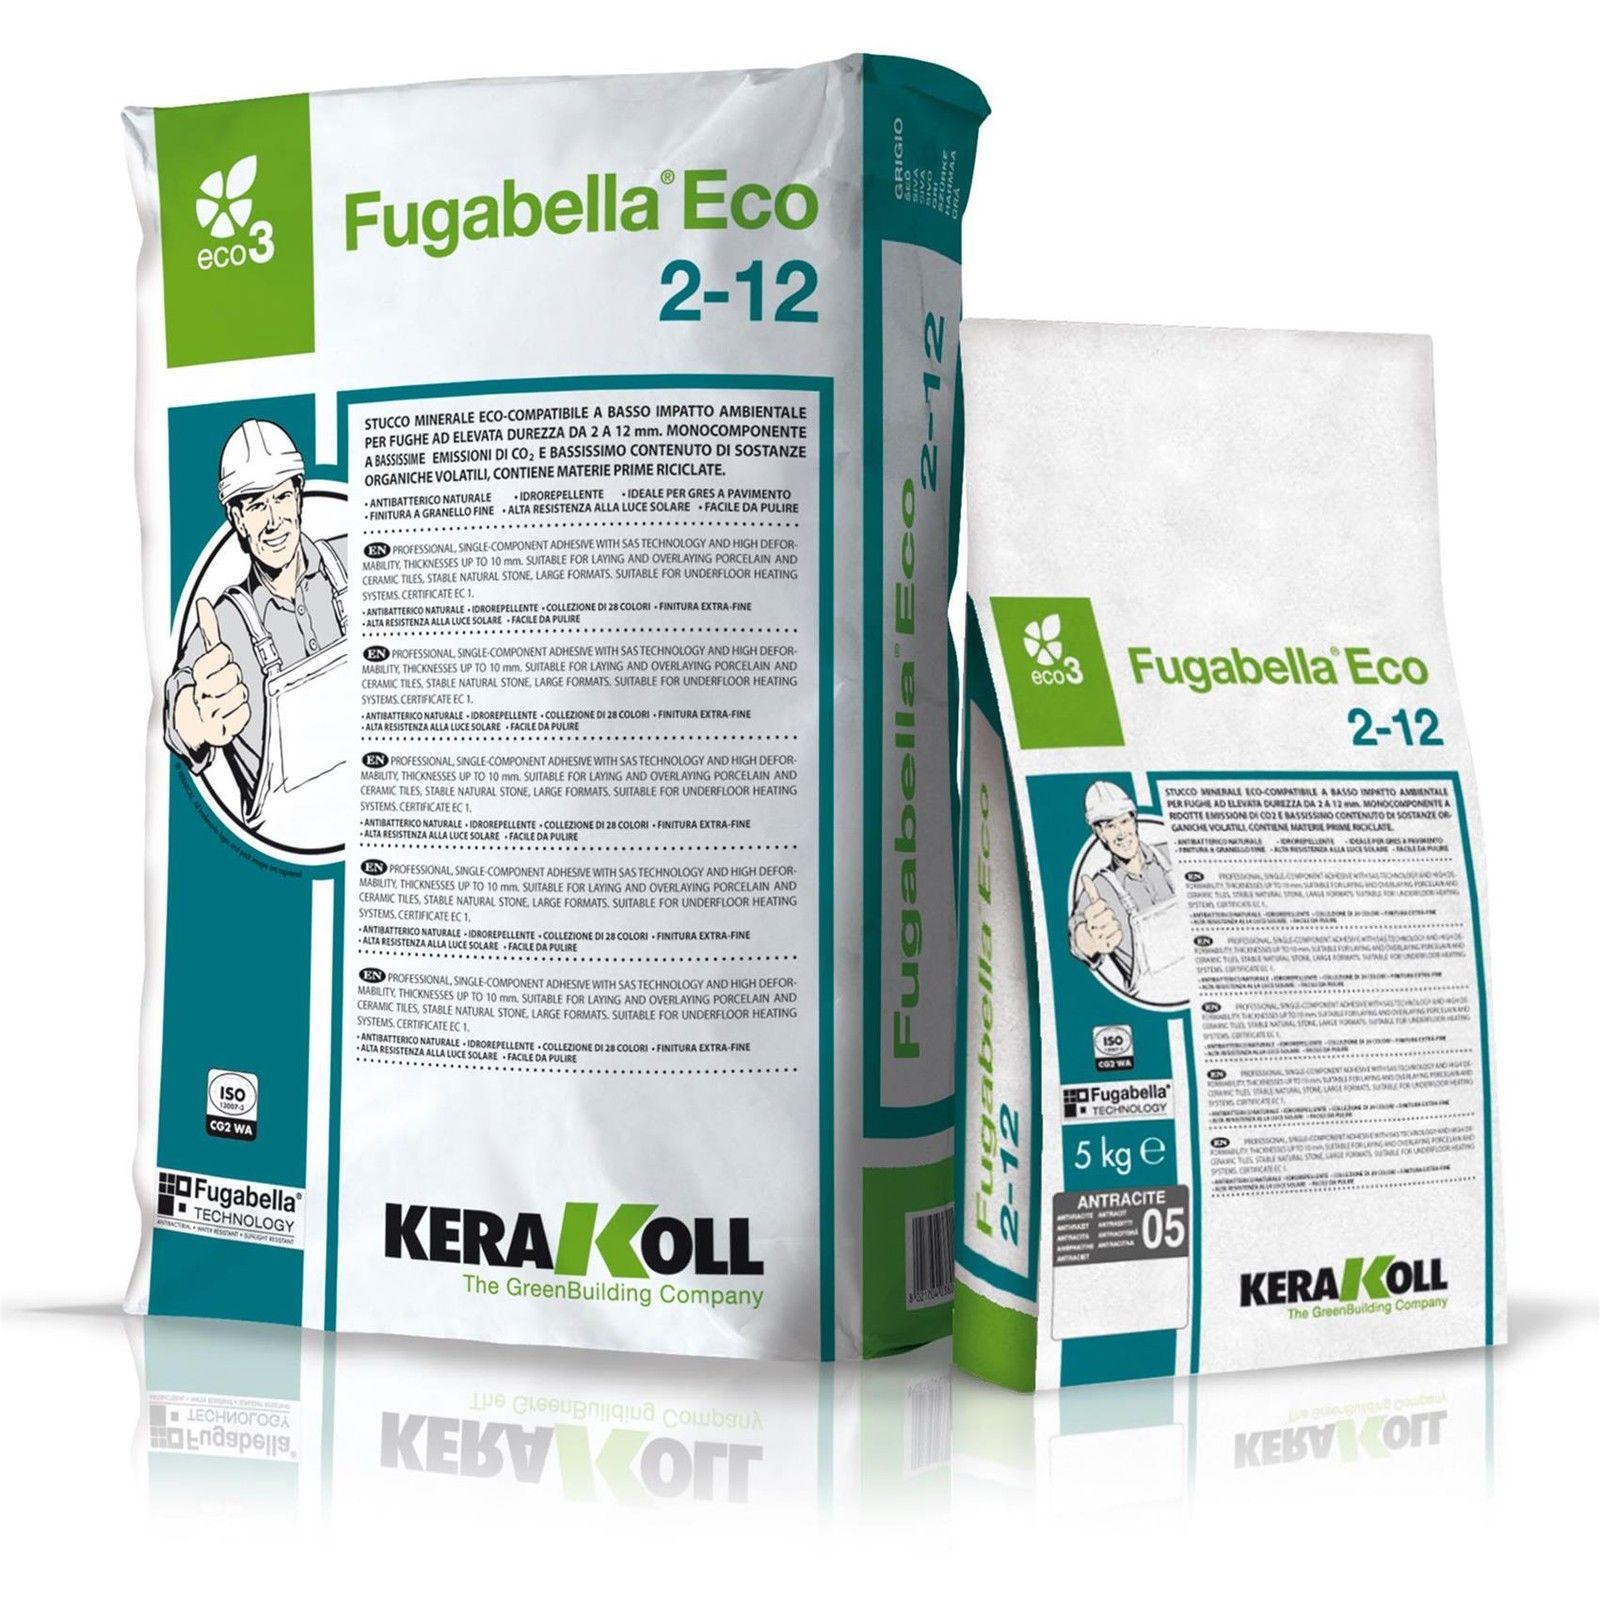 Kerakoll fugabella eco 2-12 stucco fuga per piastrelle jasmine kg5